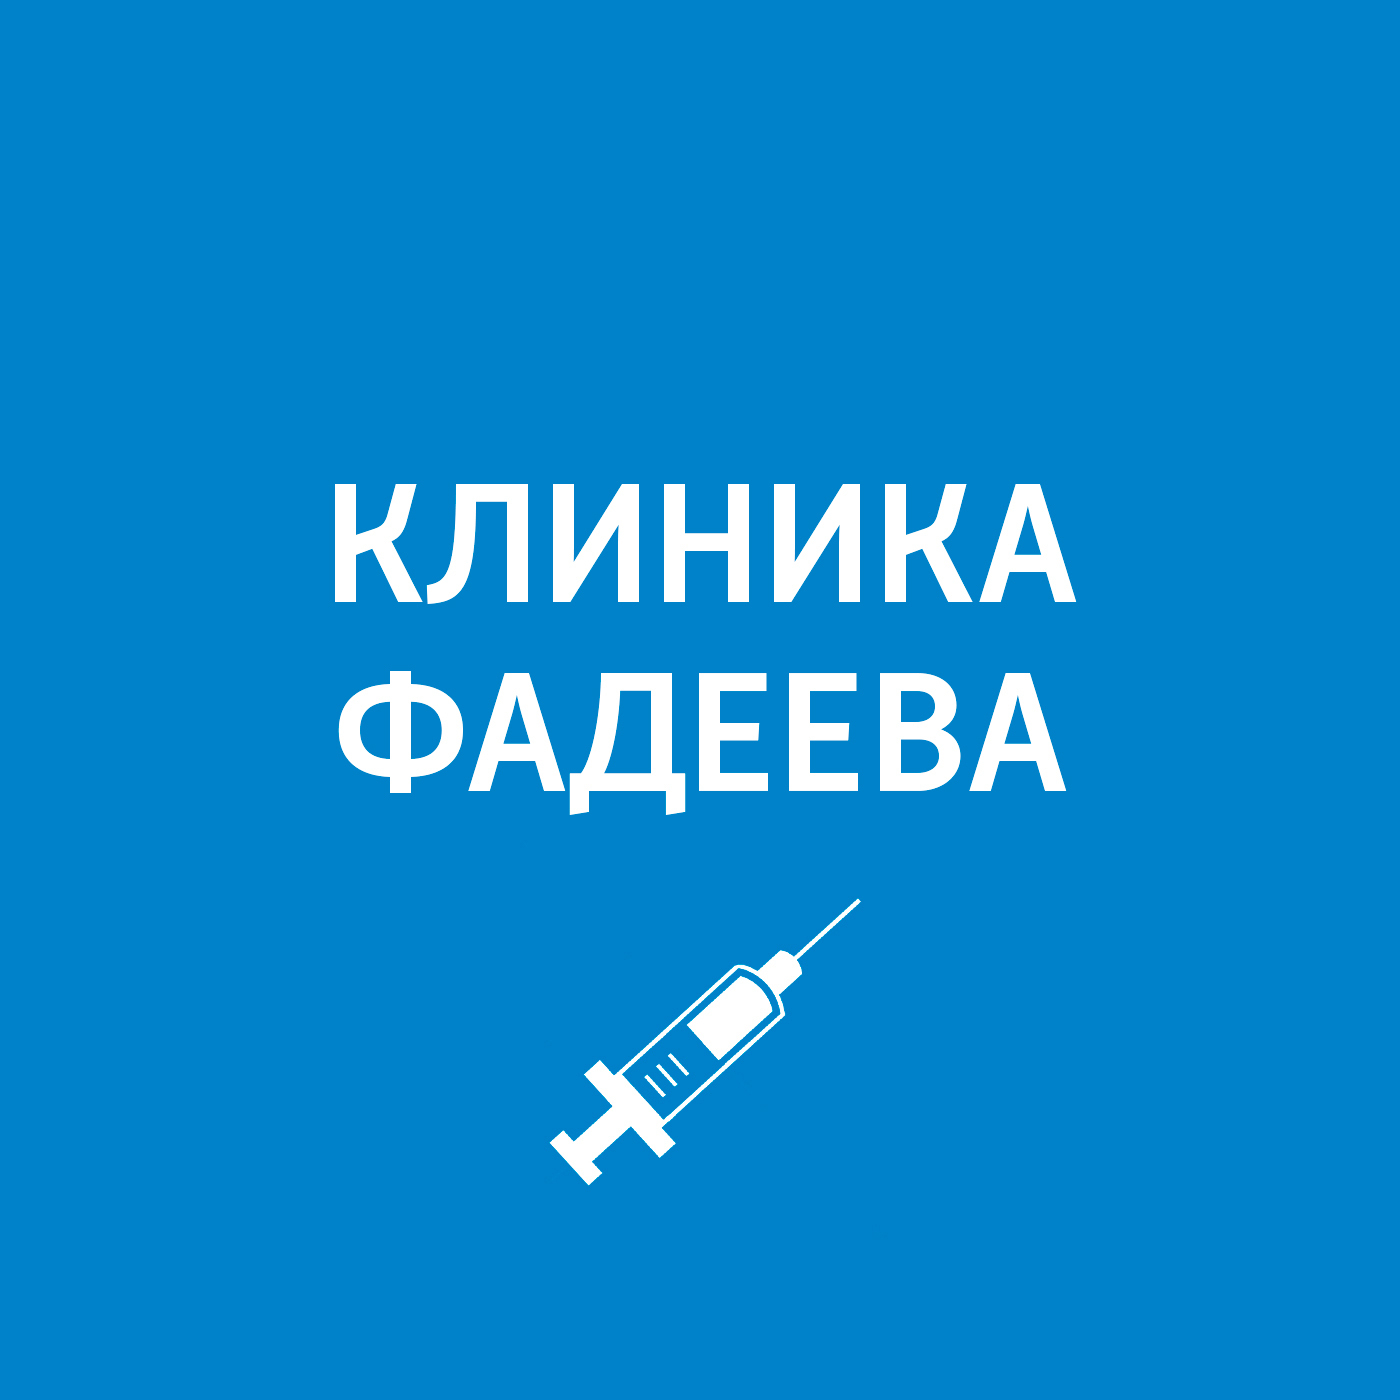 Пётр Фадеев Приём ведёт кистевой хирург. Омоложение рук андрей михайлов последняя партия для твоих пальцев и моих нервов